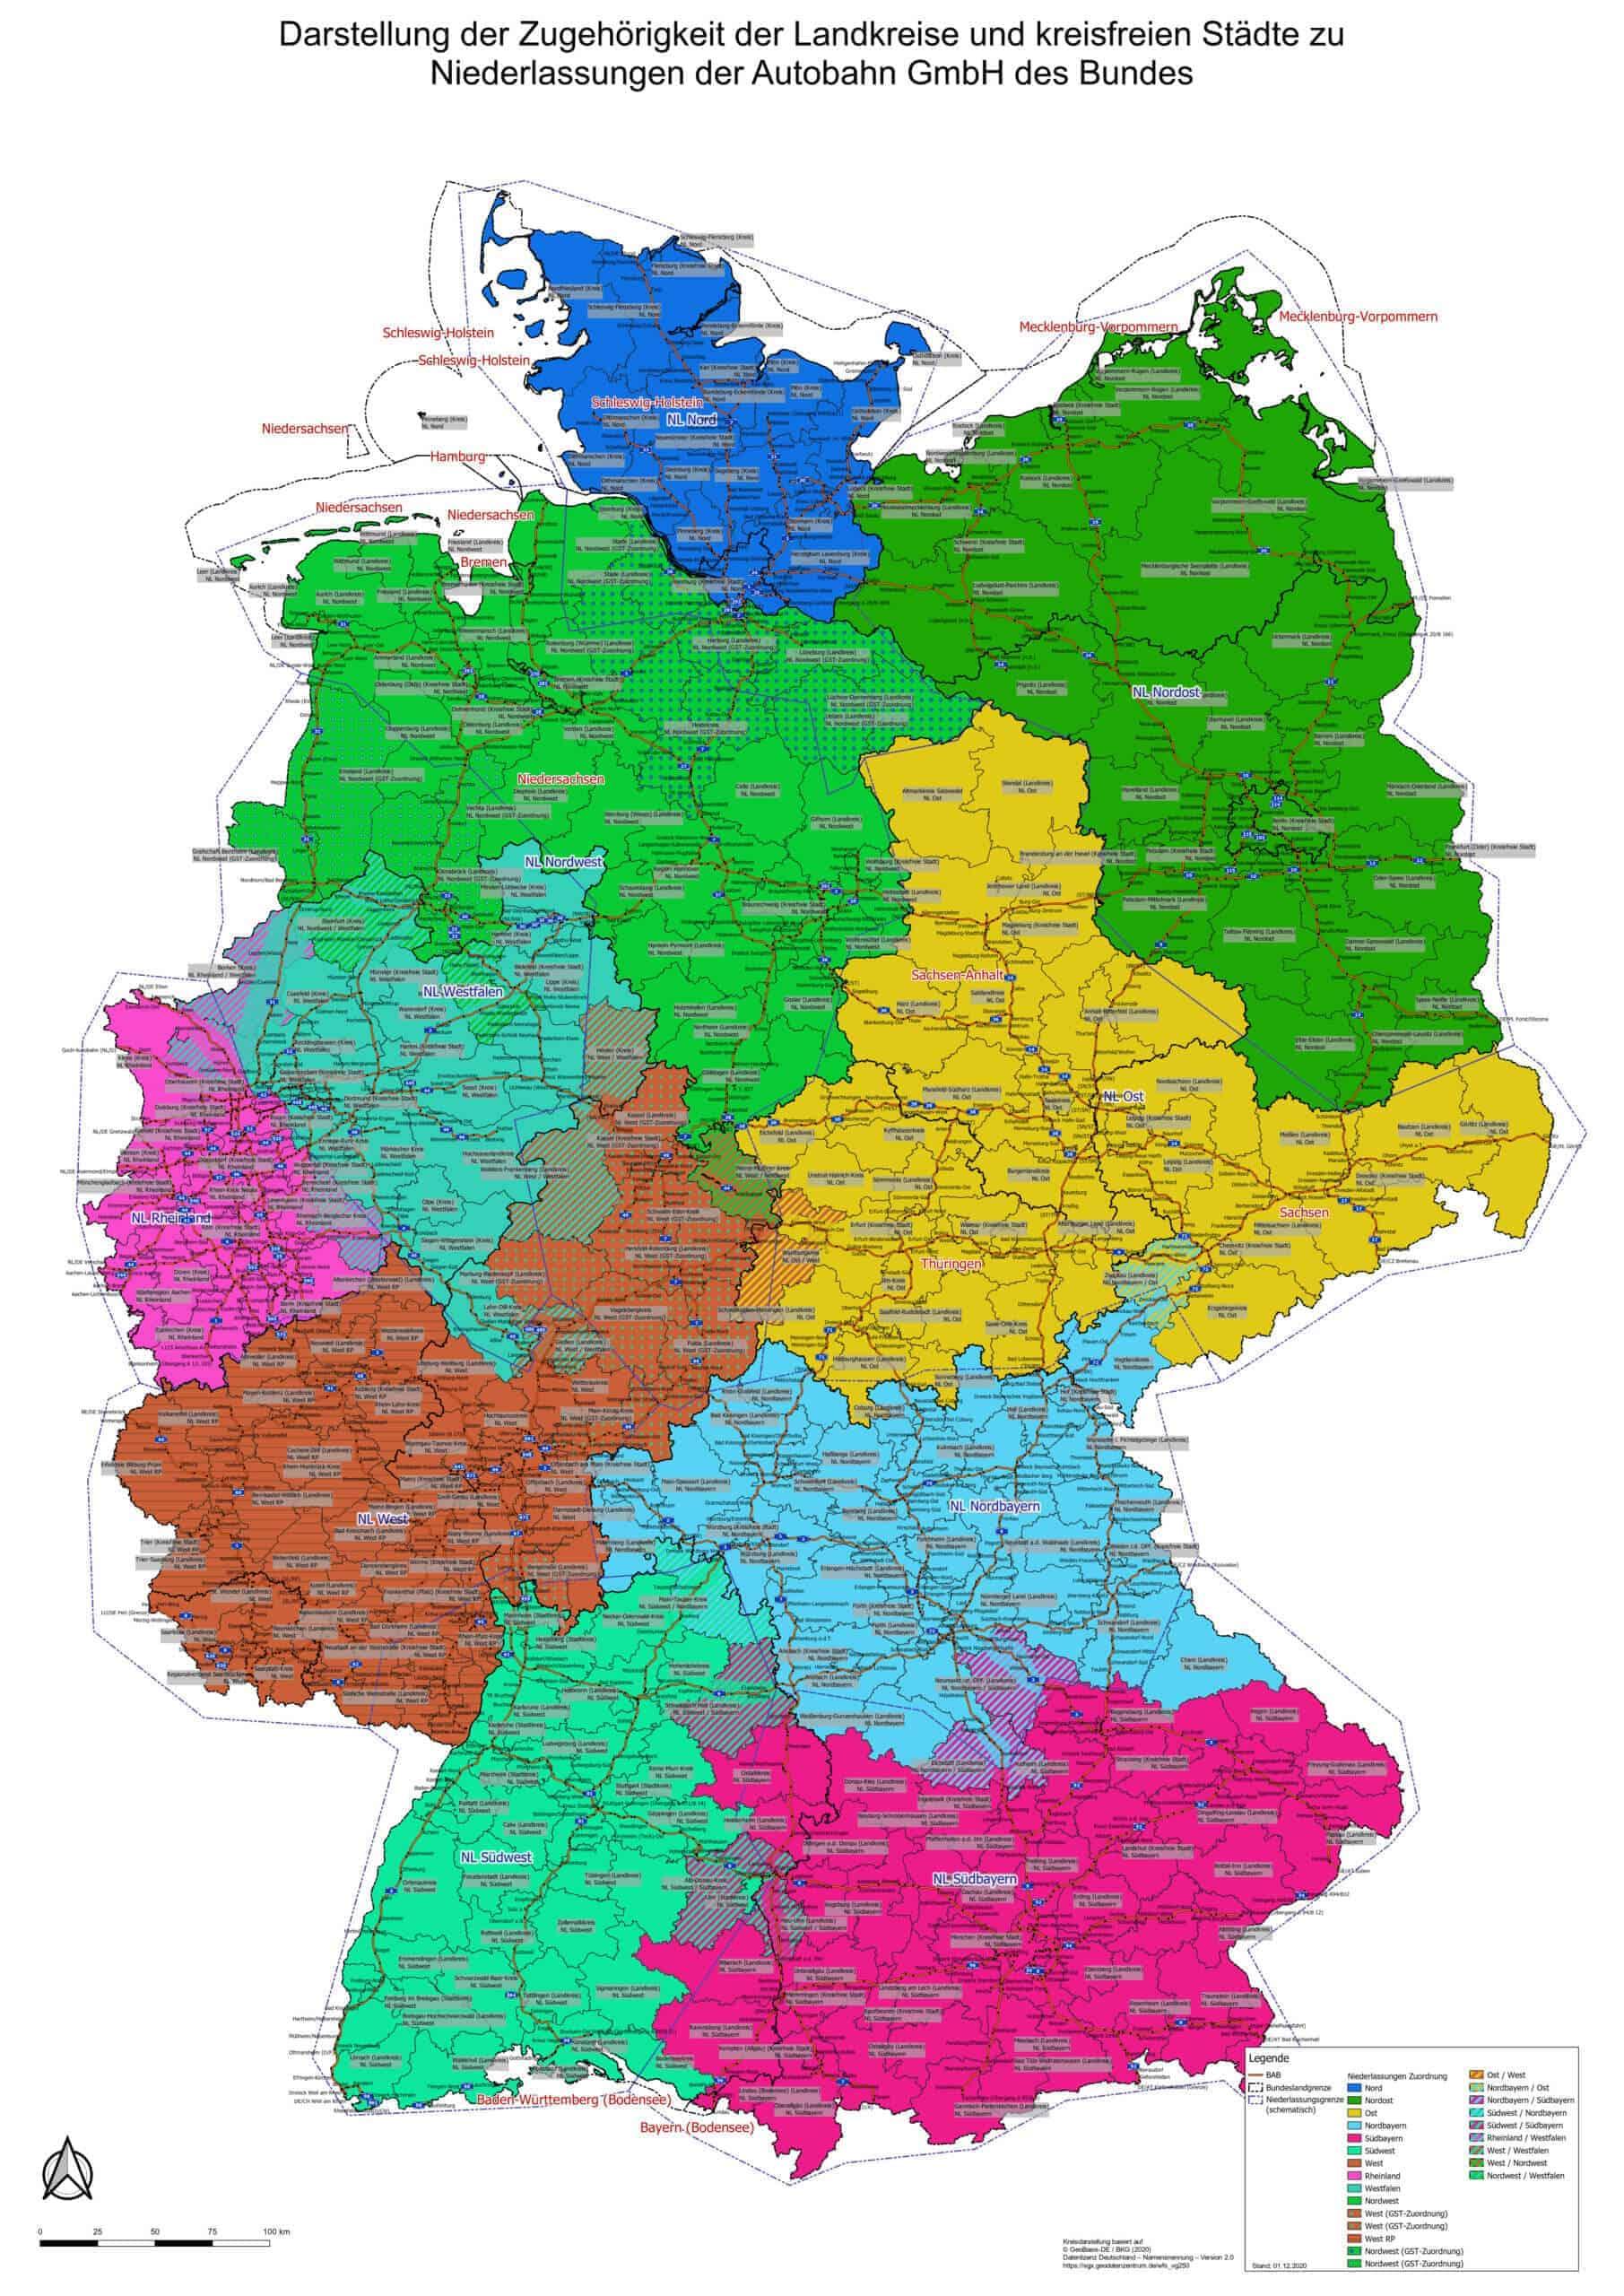 Darstellung der Zugehörigkeit der Autobahn GmbH